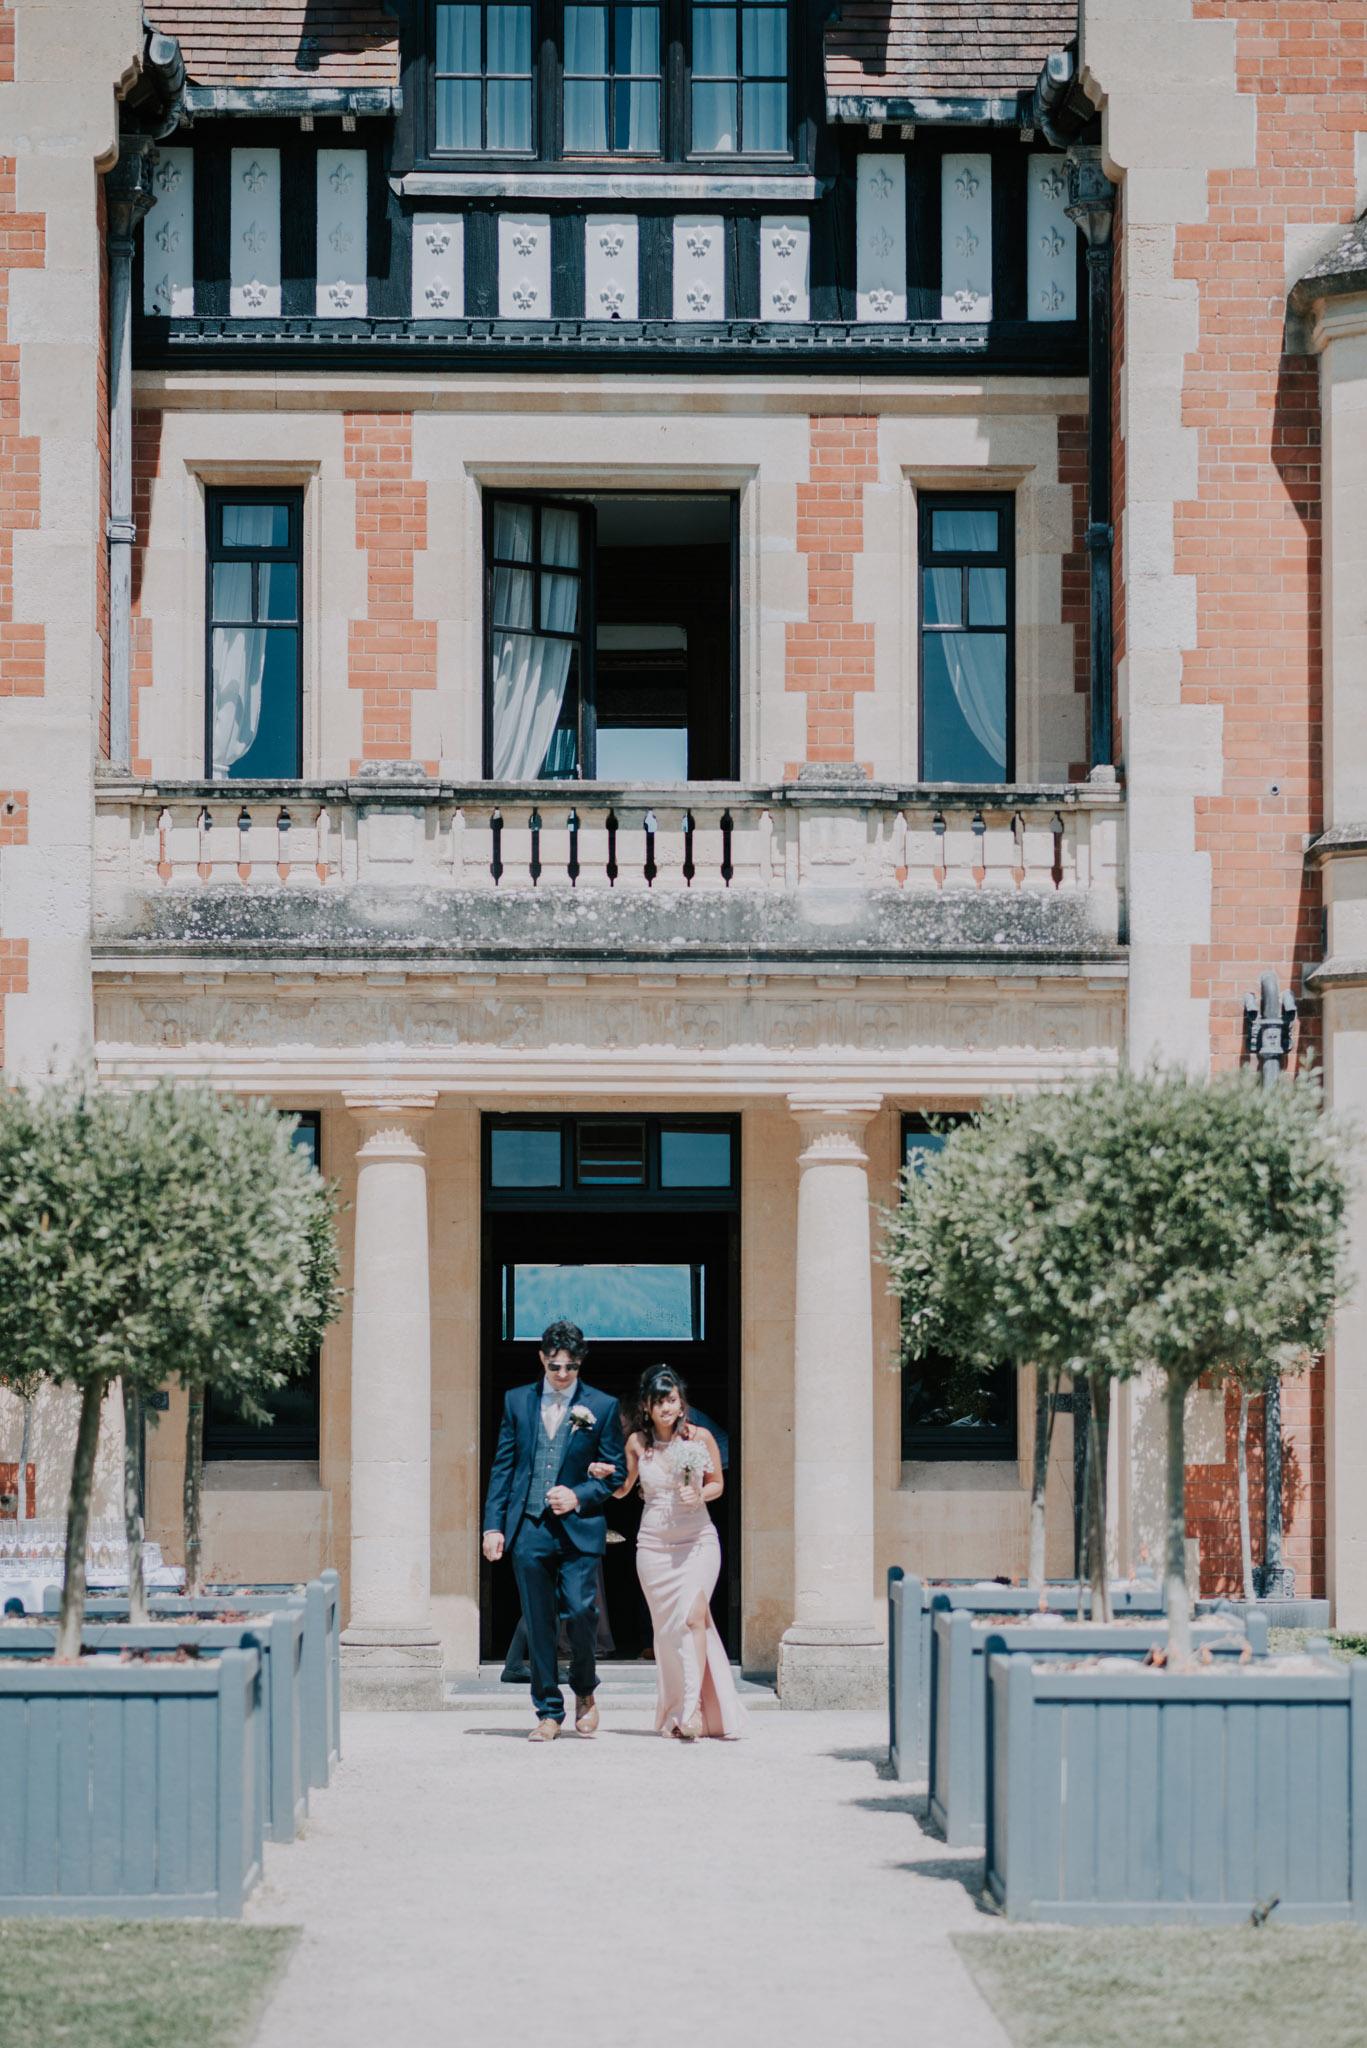 scott-stockwell-wedding-photographer-wood-norton-evesham139.jpg